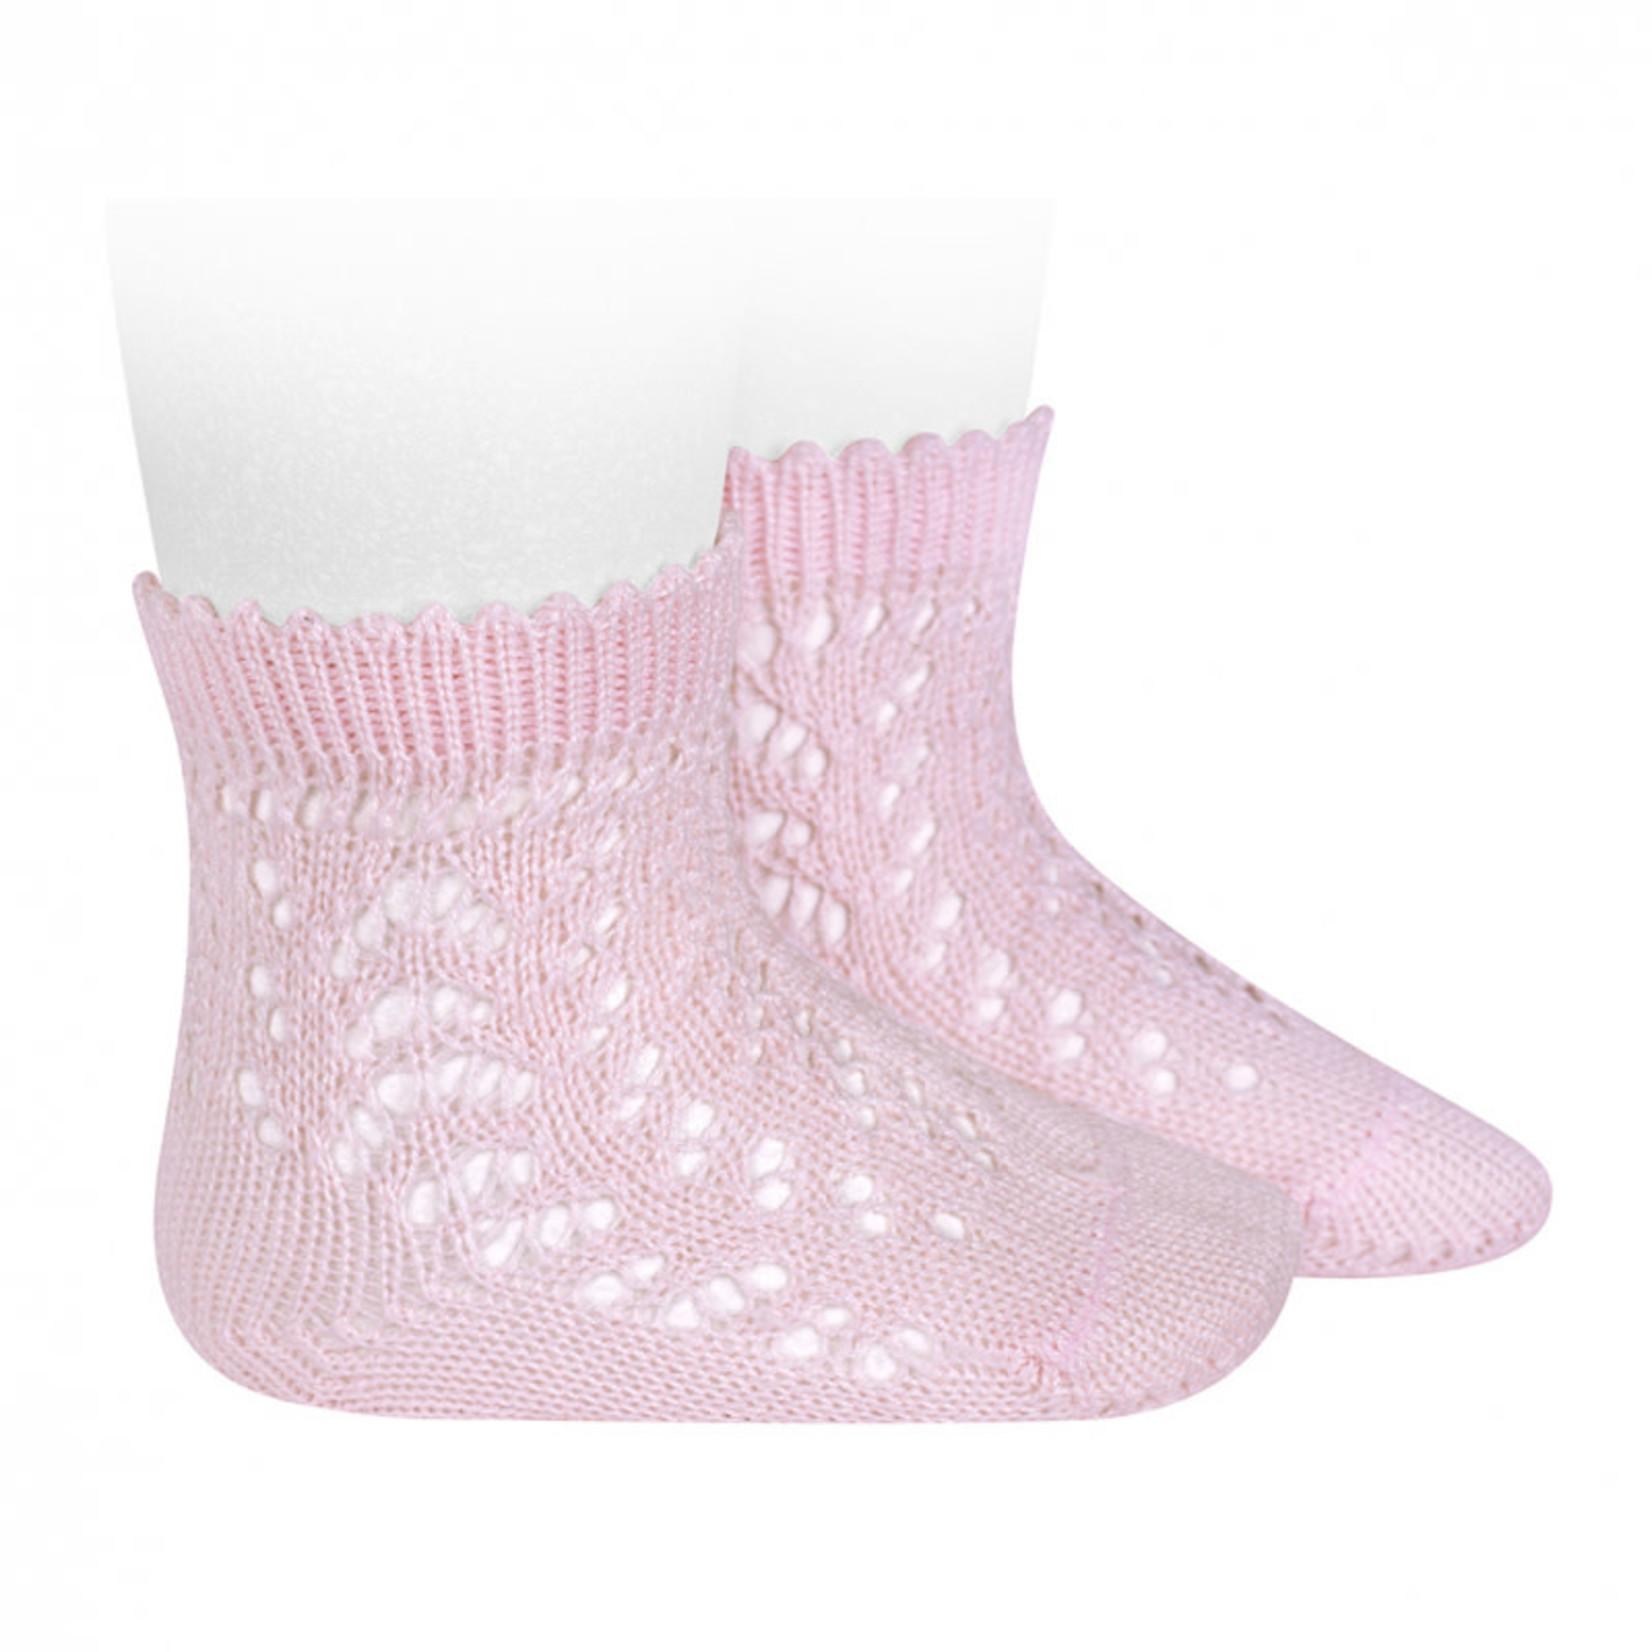 Socks Open - Pink